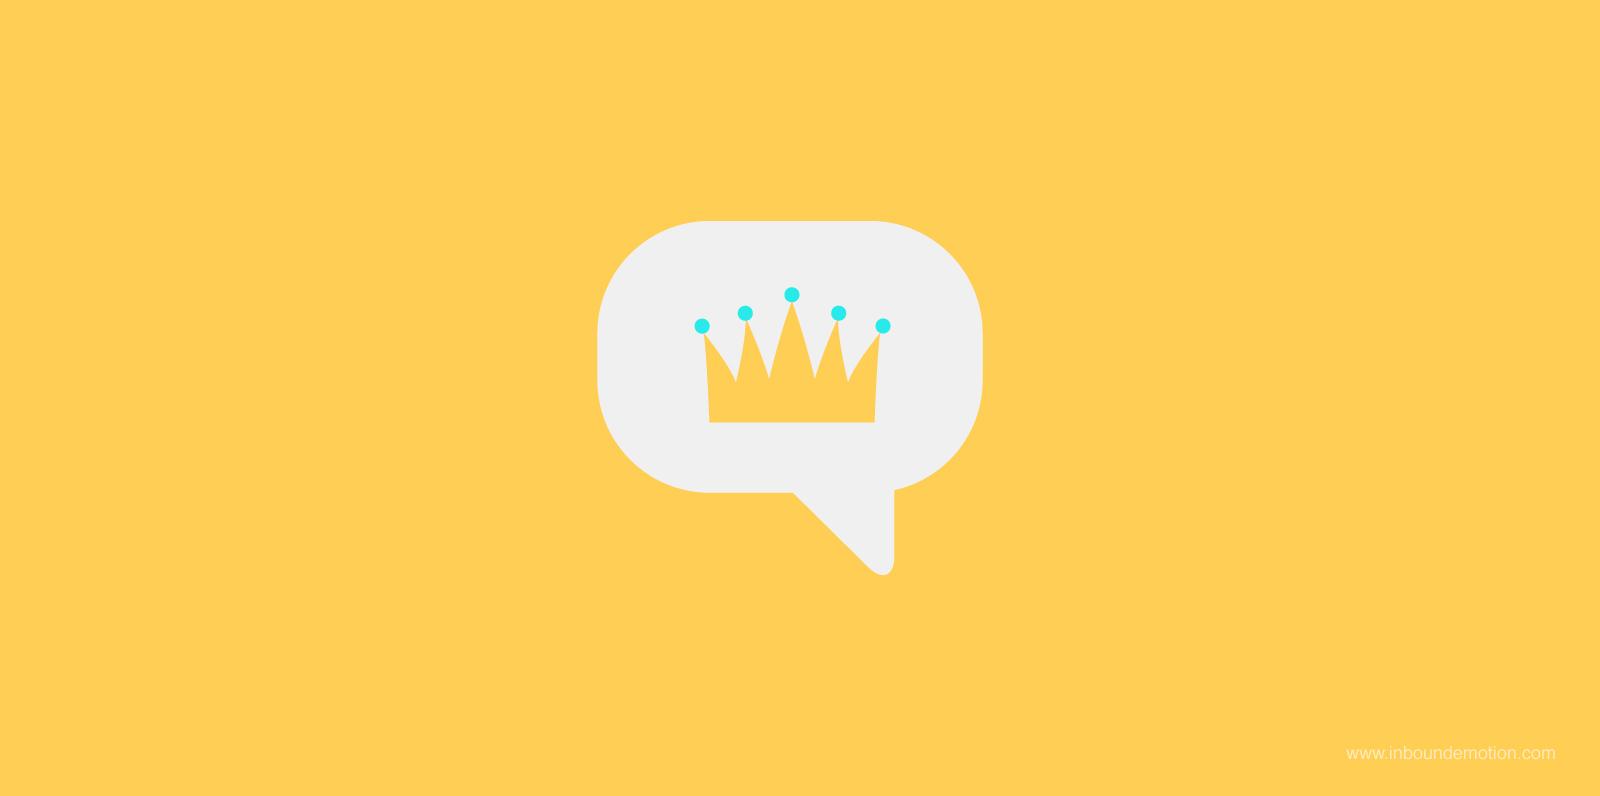 7_Tendencias-_conocer_convertirte_rey_marketing_contenidos